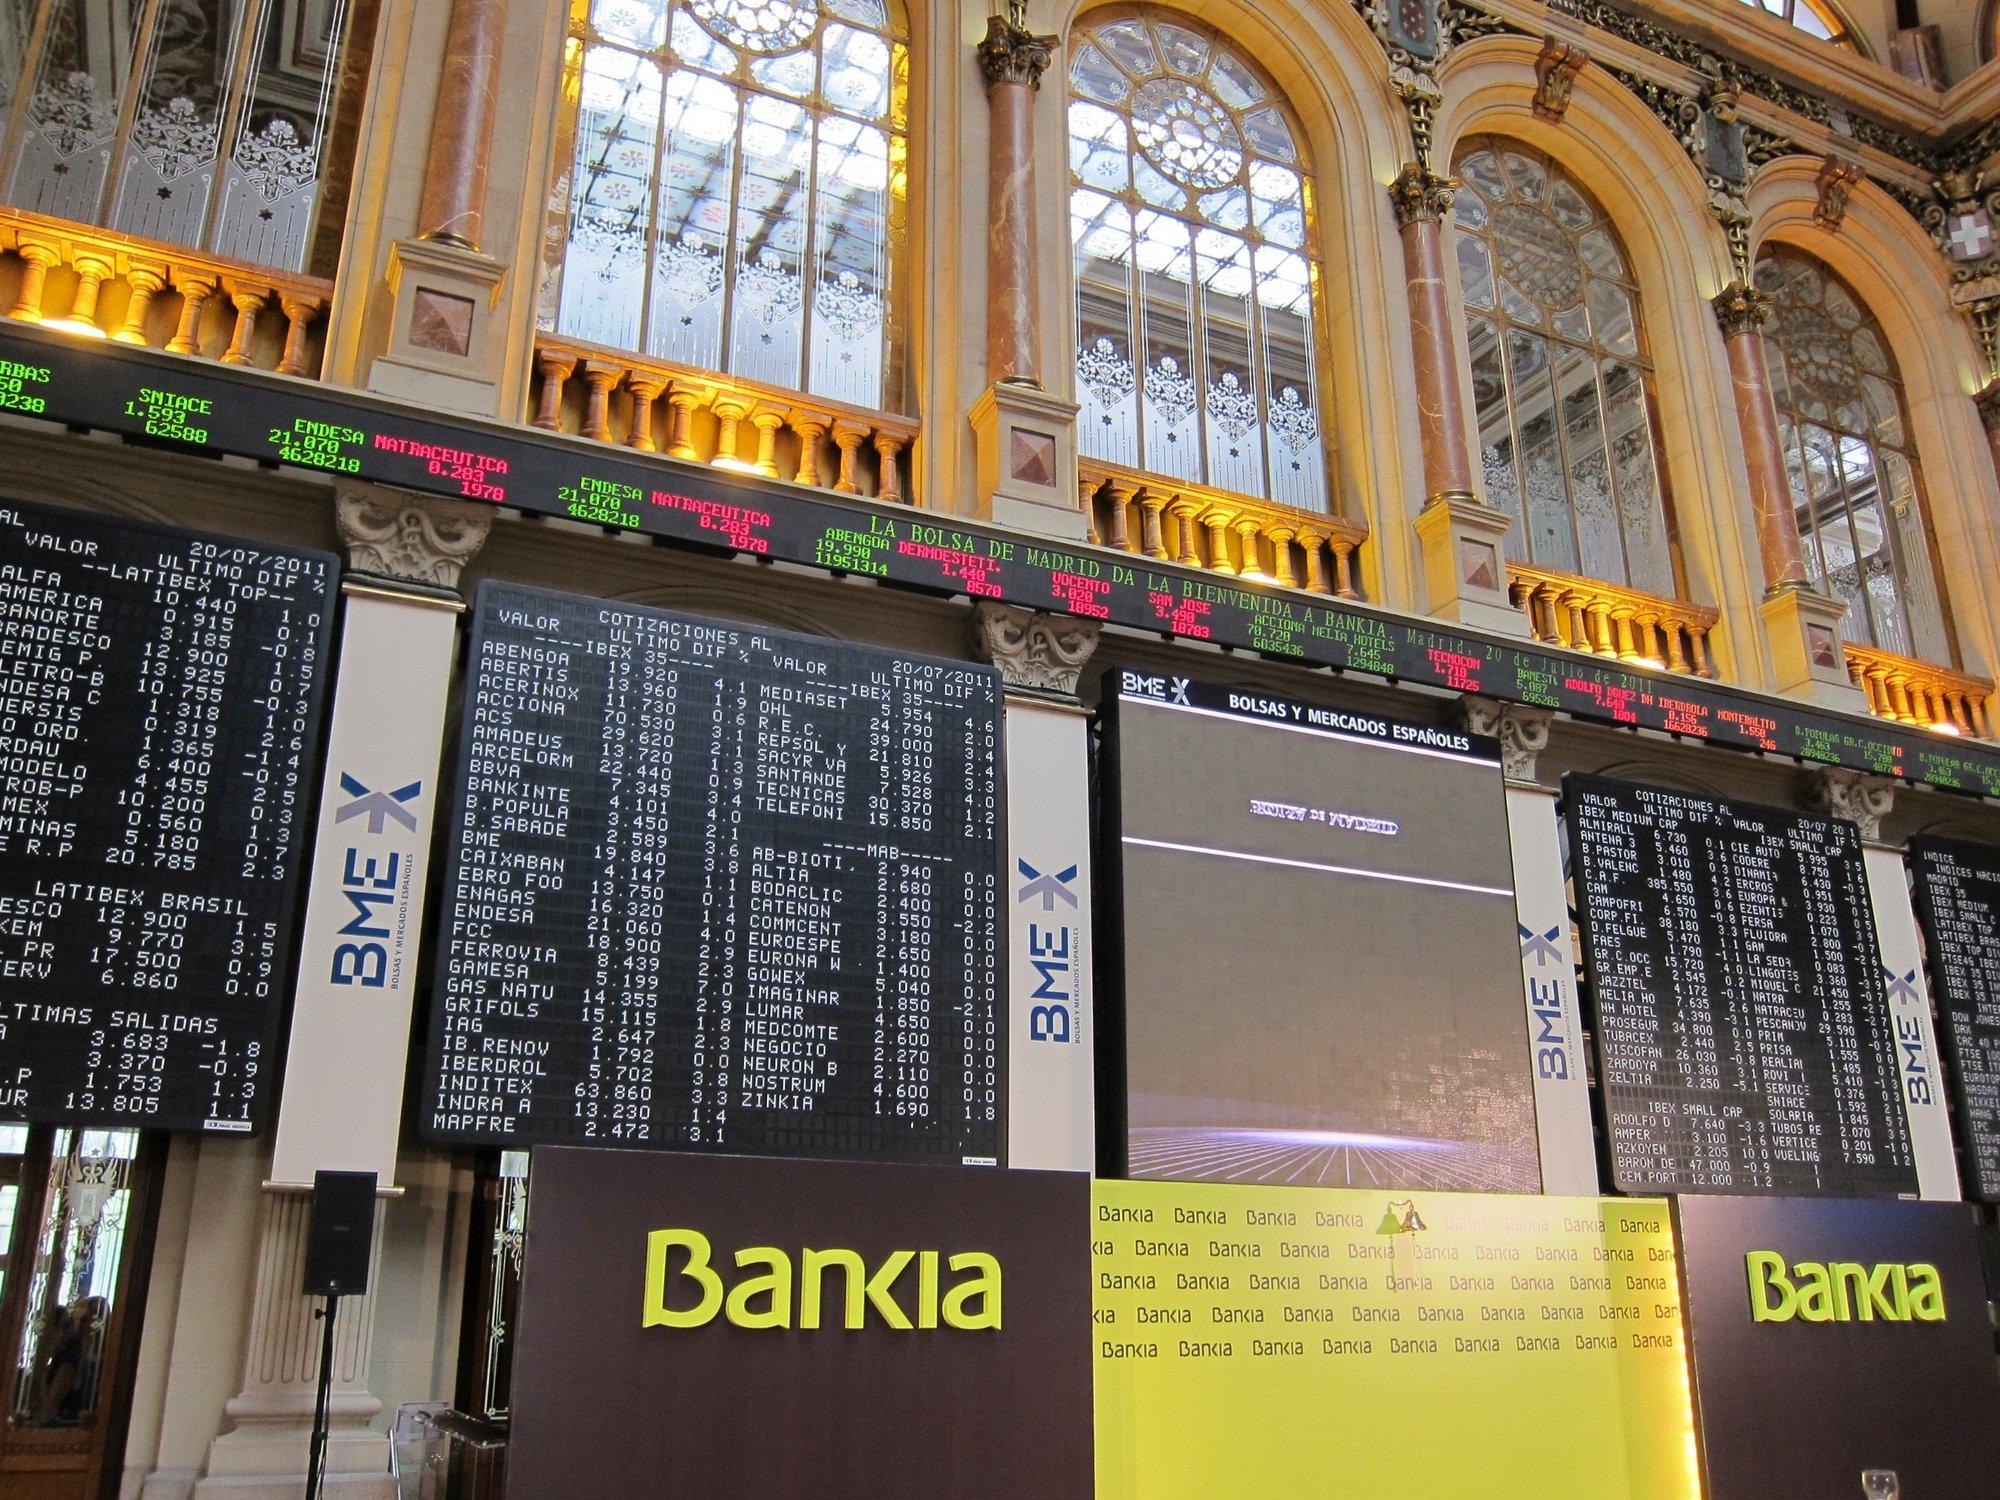 Las acciones de Bankia se precipitan un 14% y el Gobierno se apresura a tranquilizar a los ahorradores